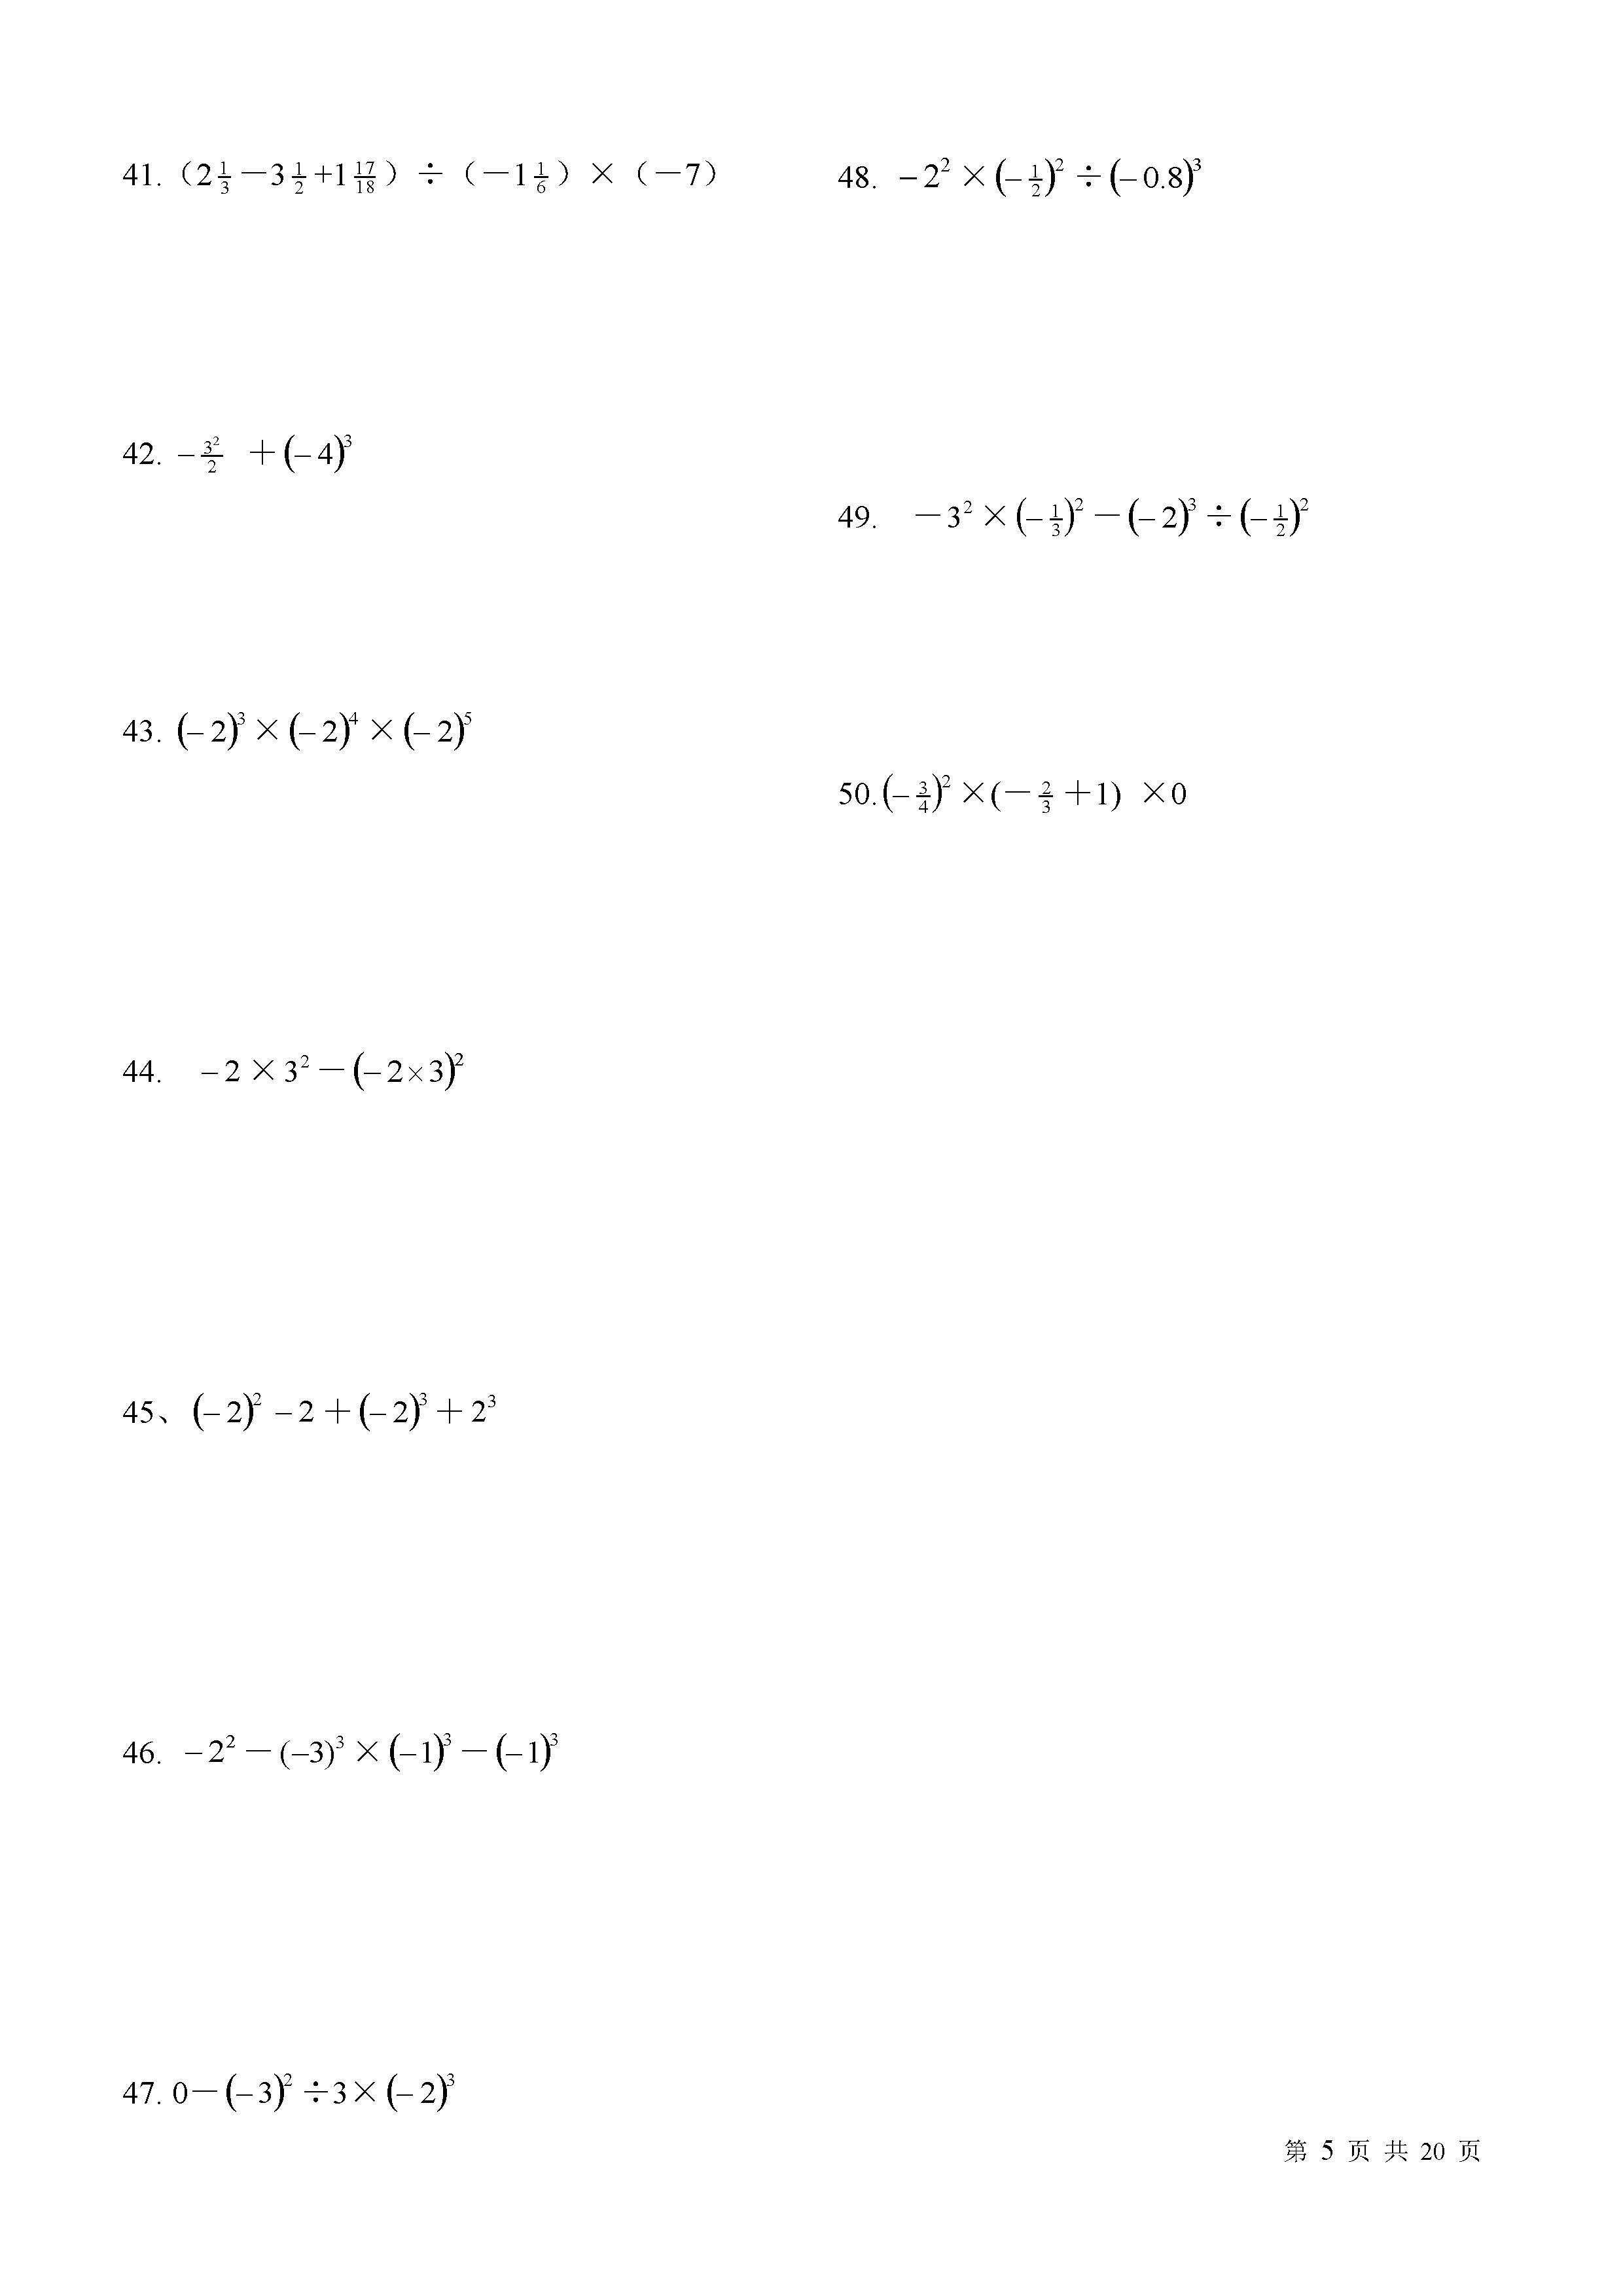 中考数学总复习之有理数混合运算题目